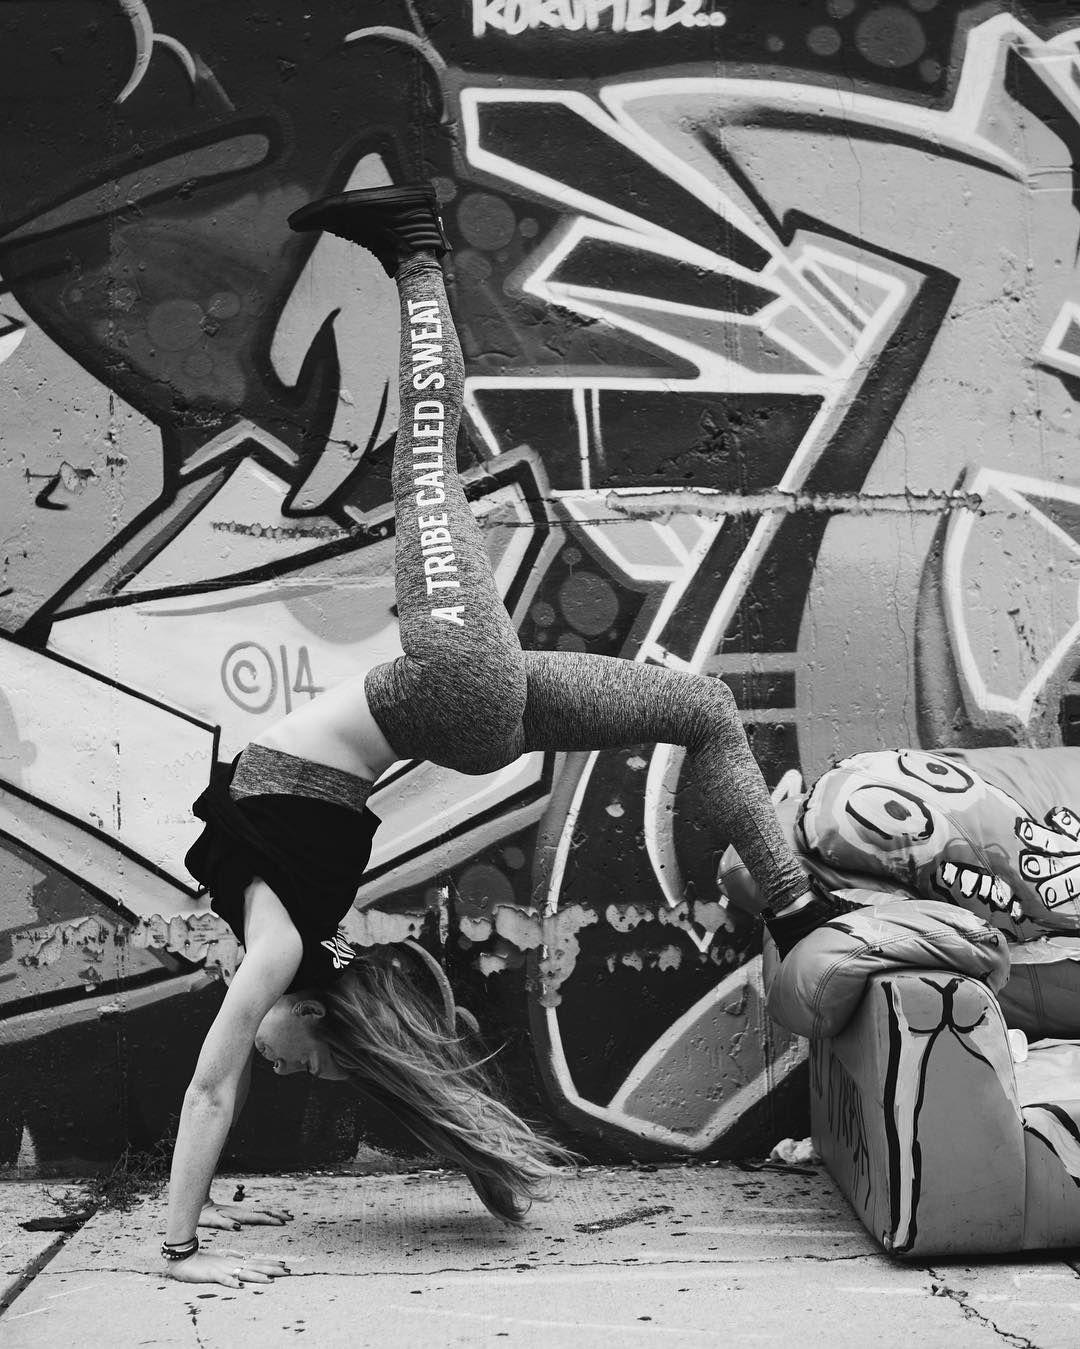 Y7 Yoga Studio (@y7studio) • Instagram photos and videos